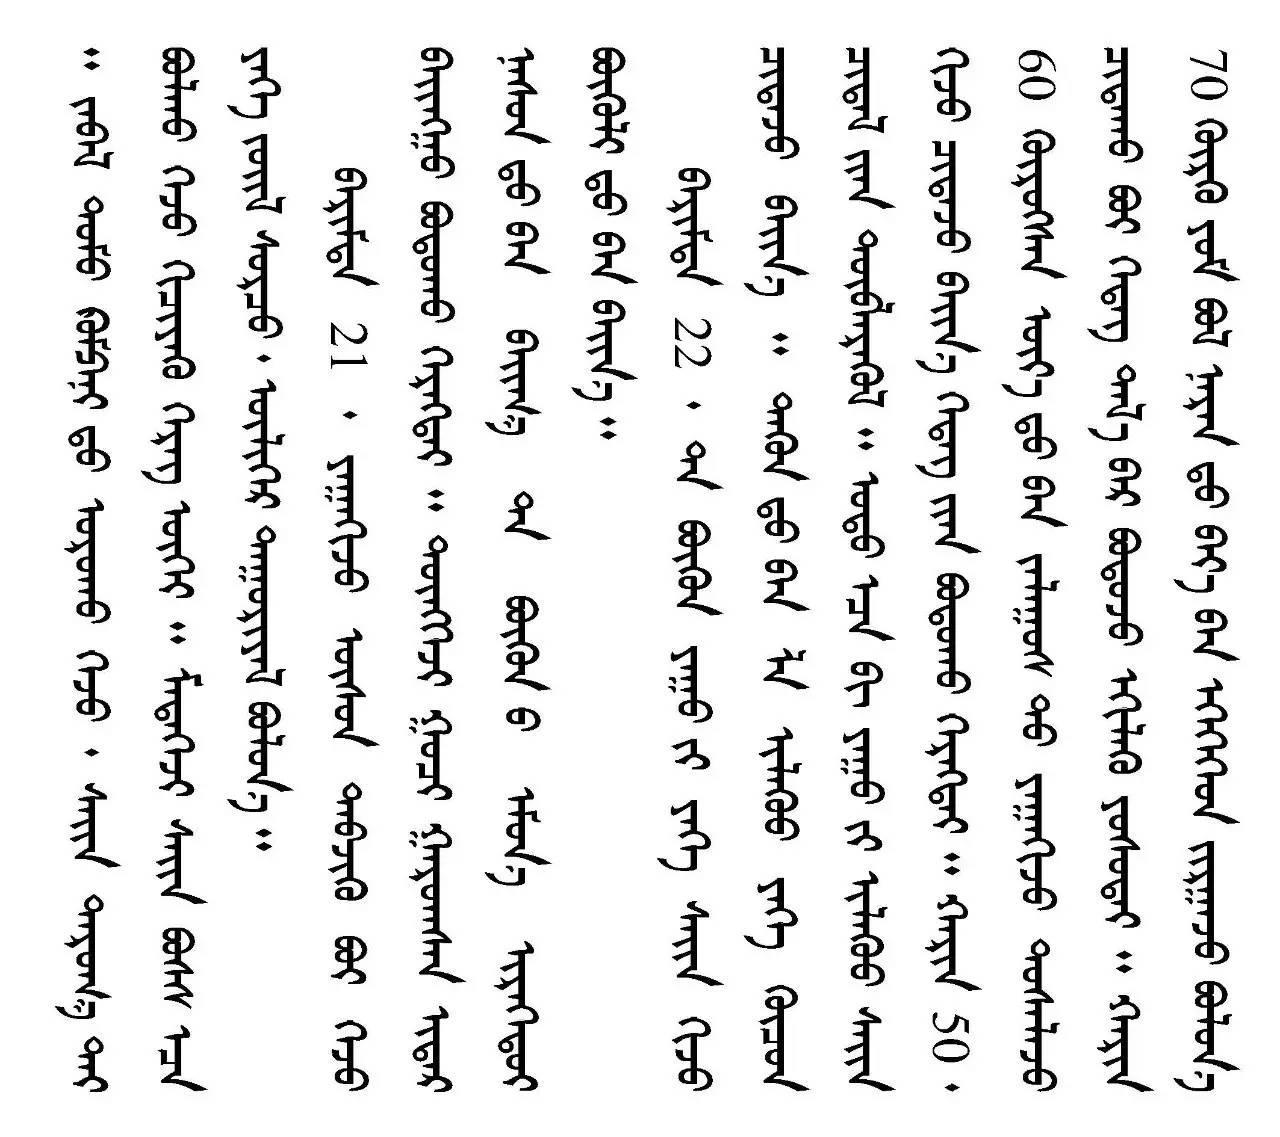 马云对蒙古国青年说什么了? 第10张 马云对蒙古国青年说什么了? 蒙古文化